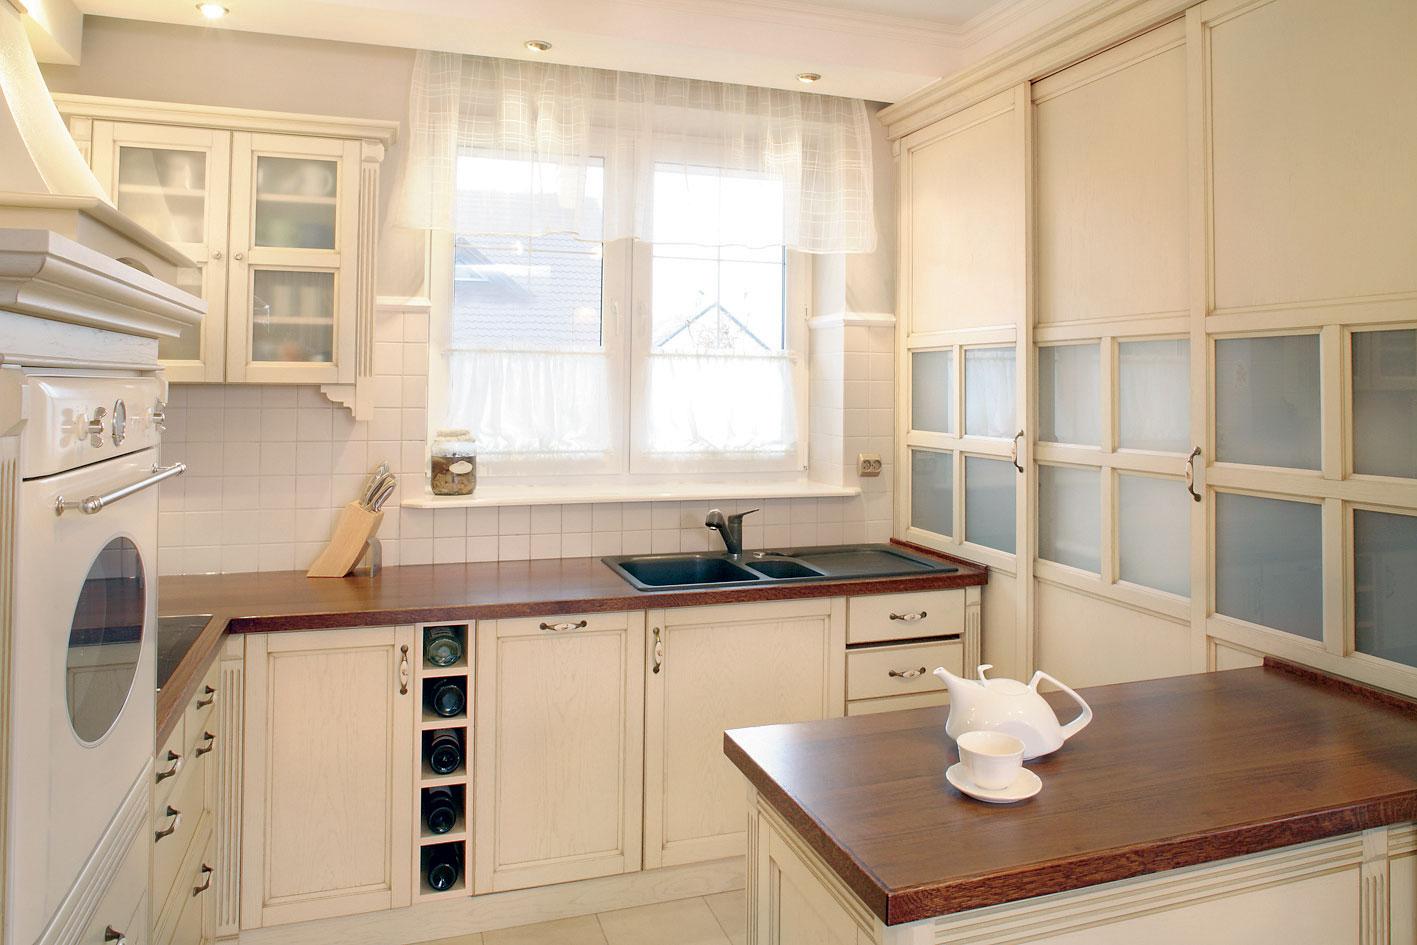 кухня с мойкой у окна дизайн интерьера